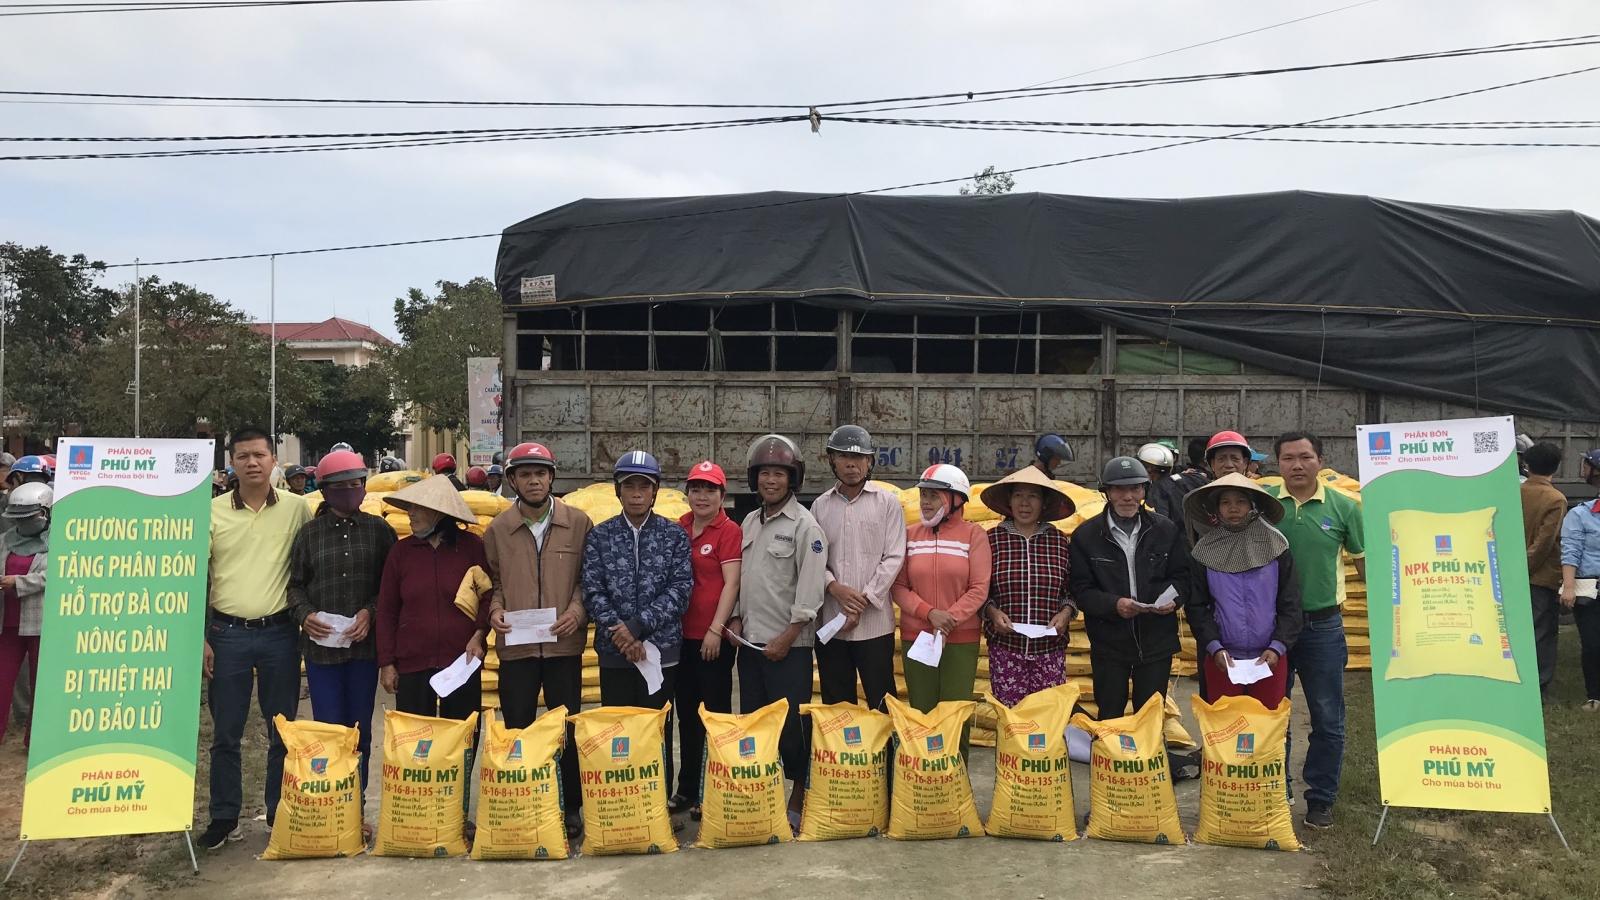 Trao tặng 280 tấn phân bón Phú Mỹ hỗ trợ bà con bị thiệt hại do bão lũ